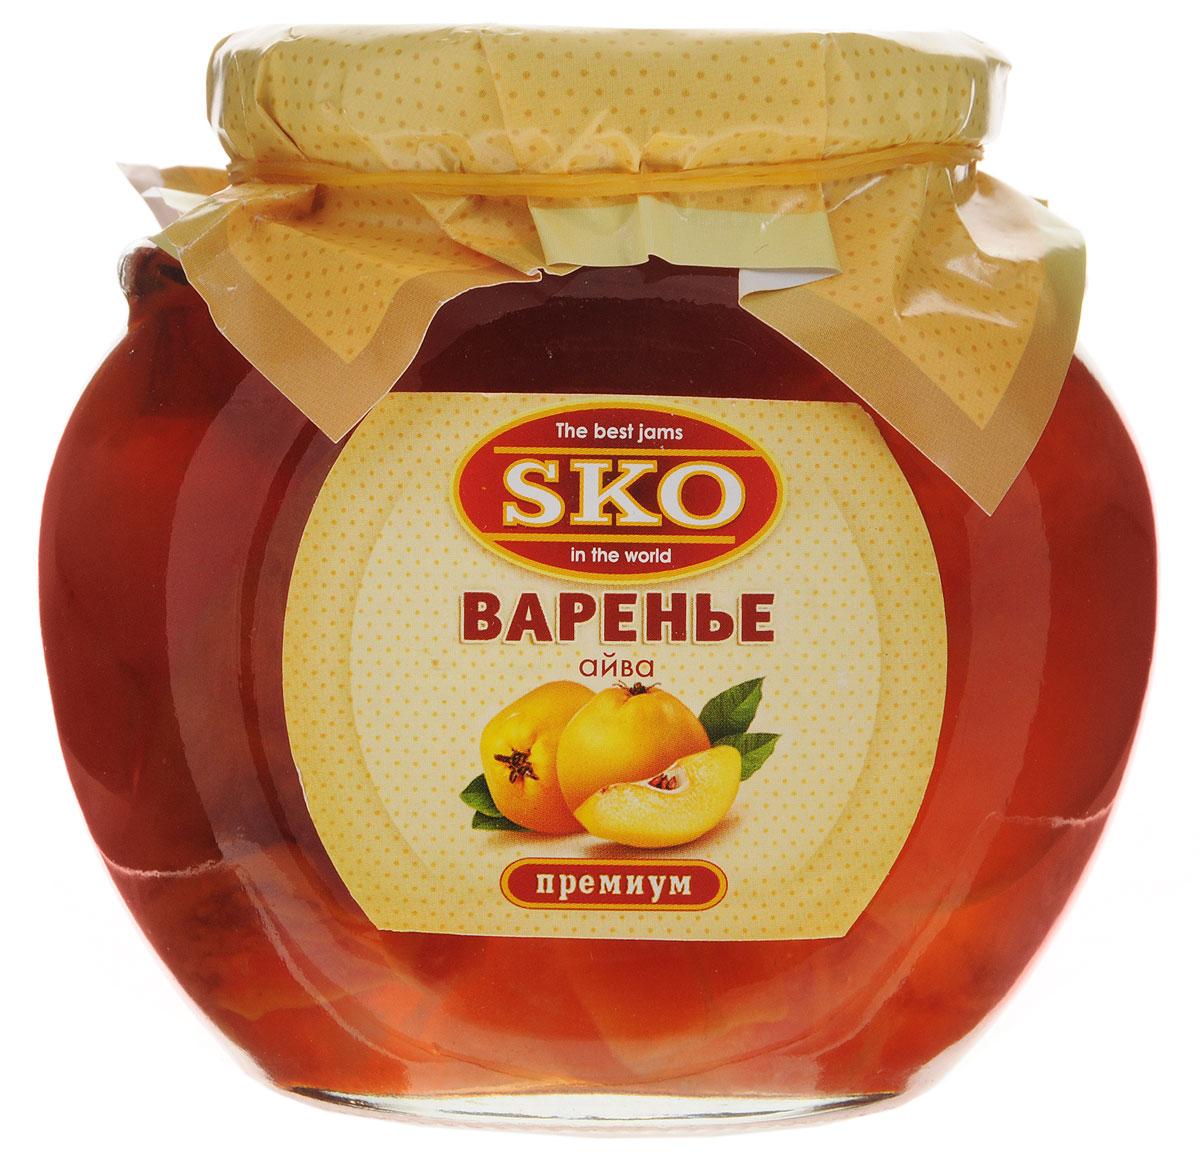 SKO варенье из айвы, 400 г0120710Варенье из айвы SKO - армянское варенье, приготовленное по домашним рецептам и современным технологиям, не содержит пектина. Может использоваться для приготовления пирогов, тортов и других разнообразных десертов, а также в качестве самостоятельного лакомства.Варенье из айвы обладает общеукрепляющими, кровоостанавливающими, антисептическими, мочегонными и вяжущими свойствами и применяется при малокровии, сердечно-сосудистых заболеваниях, заболеваниях желудочно-кишечного тракта, дыхательных путей, астме. Из вкусного варенья готовят начинку в пирожки.